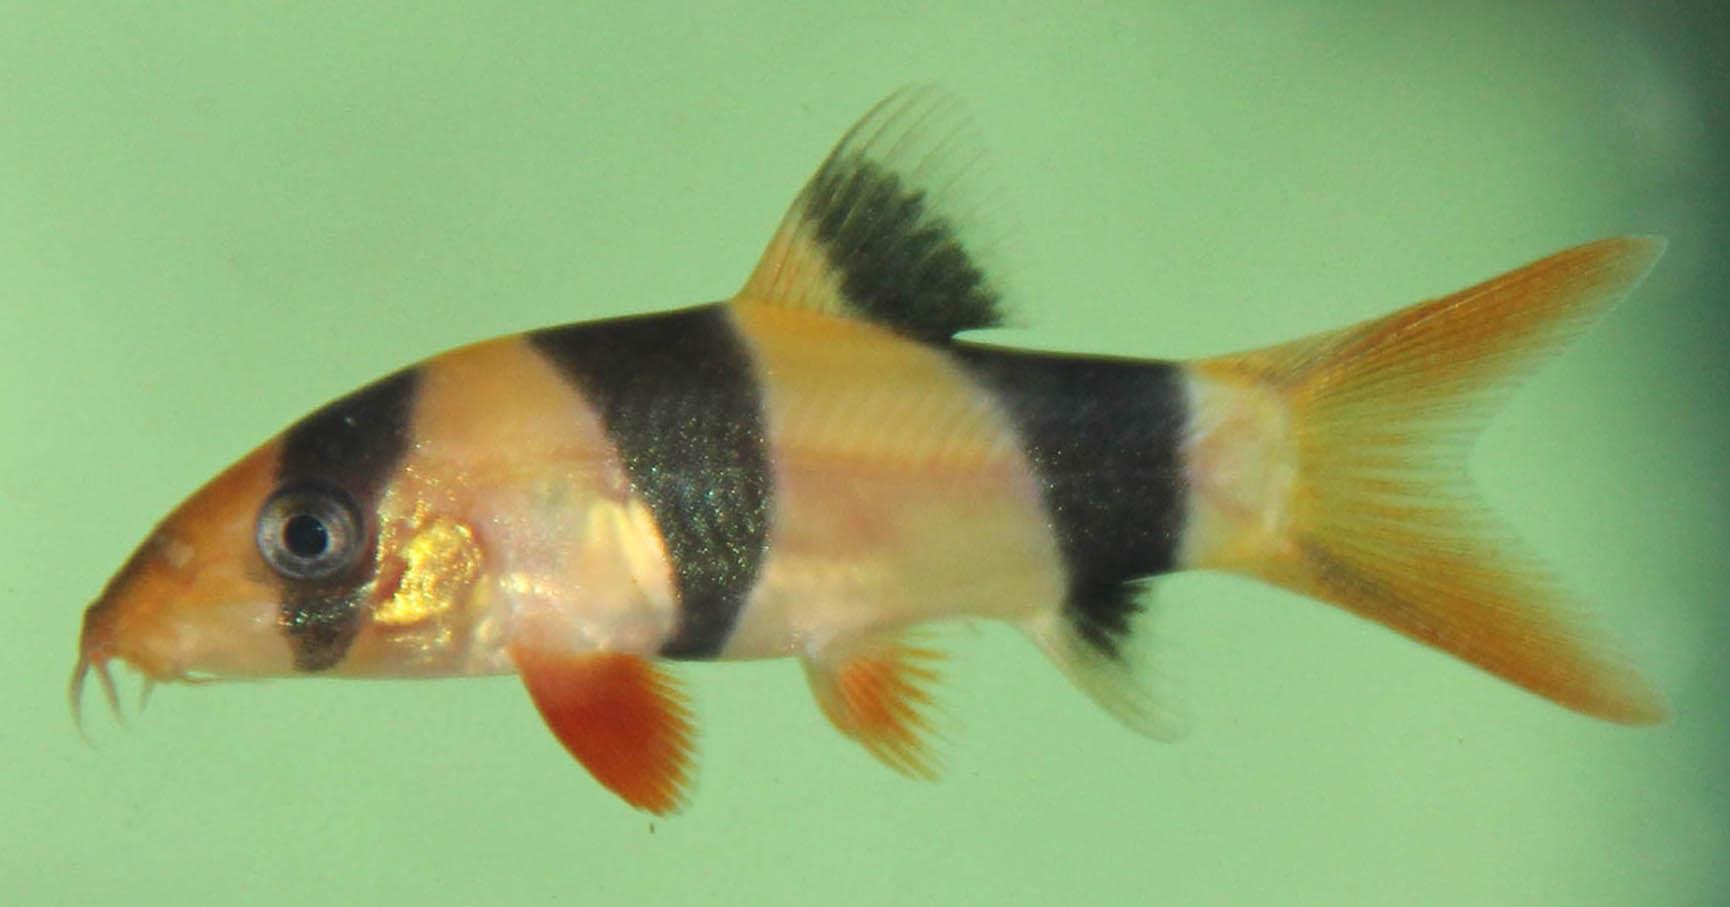 Clown loach serene aquarium australia for Clown fish scientific name